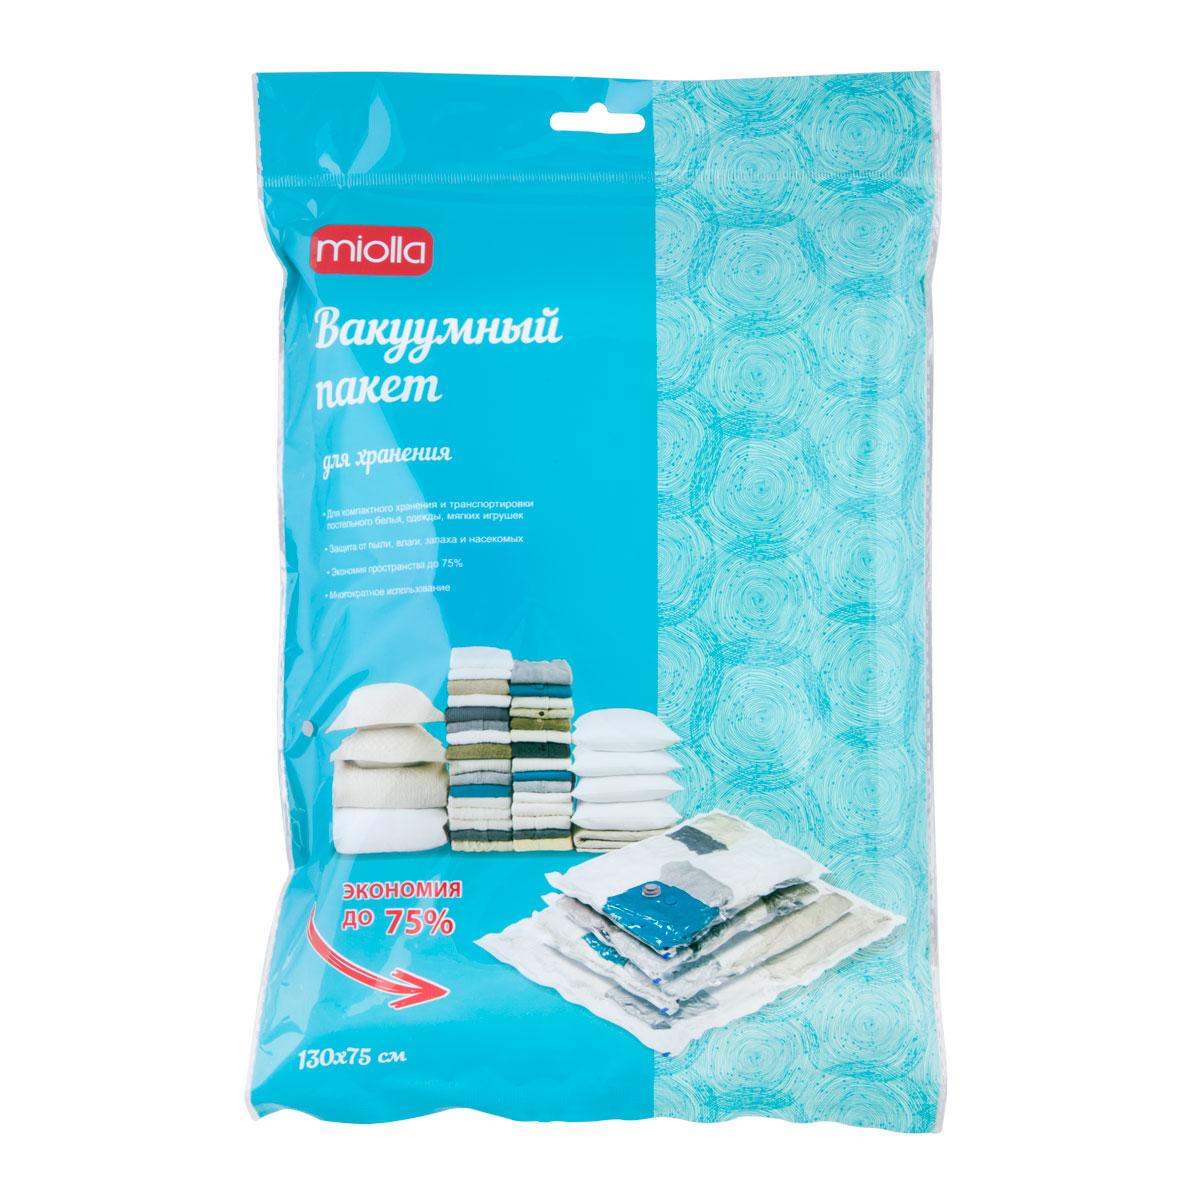 Пакет для хранения Miolla, вакуумный, 130 х 75 смCLP446Вакуумный компрессионный пакет Miolla предназначен для компактного хранения и транспортировки постельного белья, одежды, мягких игрушек. Защищает содержимое от пыли, влаги, запаха и насекомых. Пакет сжимает объем вещей, благодаря чему можно экономить до 75% пространства. Многократное использование.